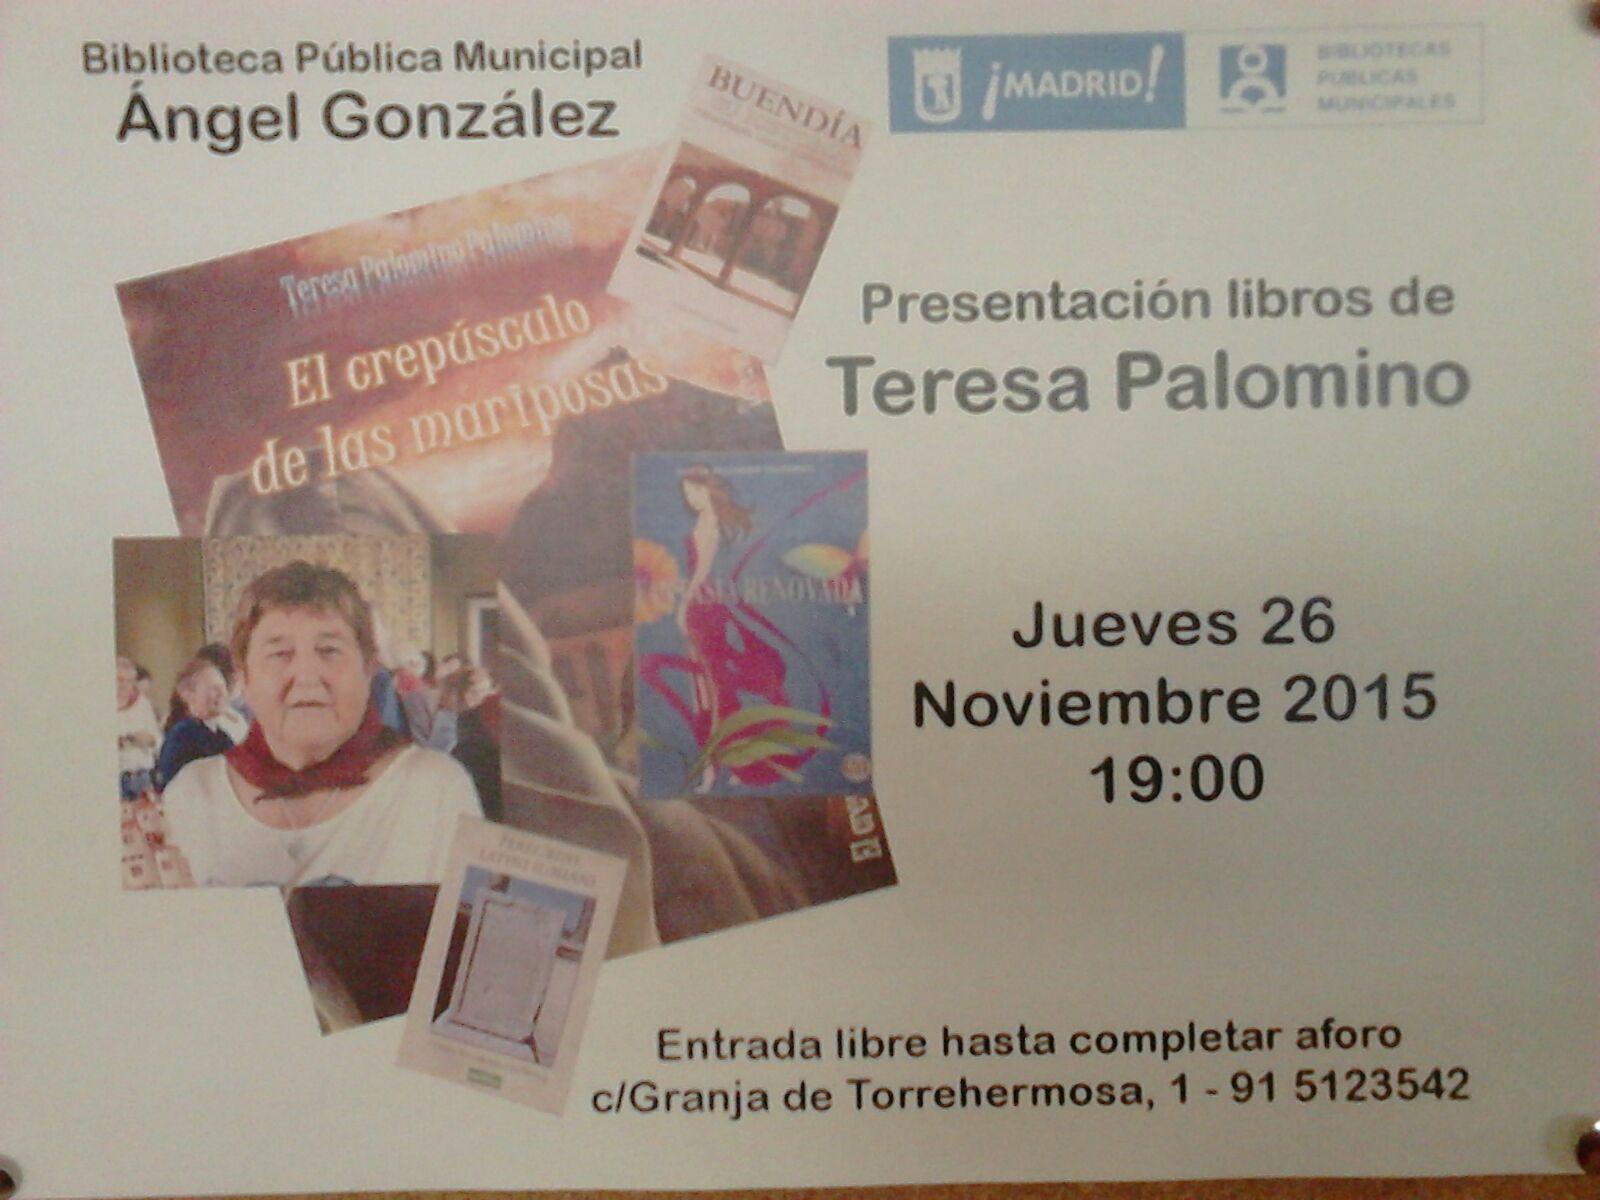 Presentación libros de Teresa Palomino